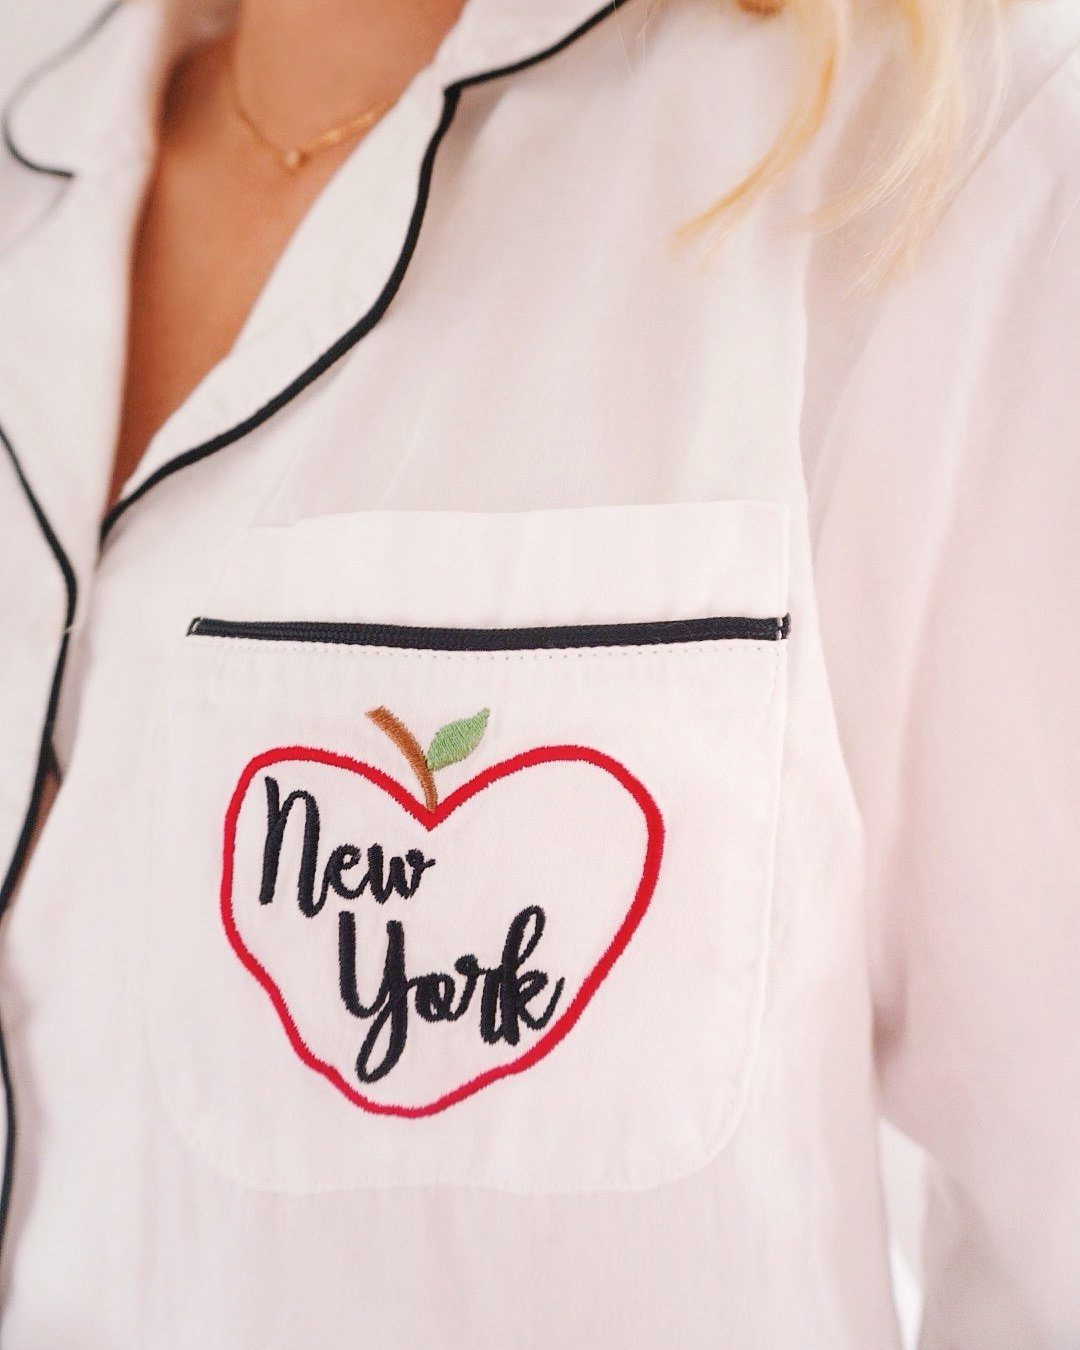 NYC Bedhead pajamas moving to New York City